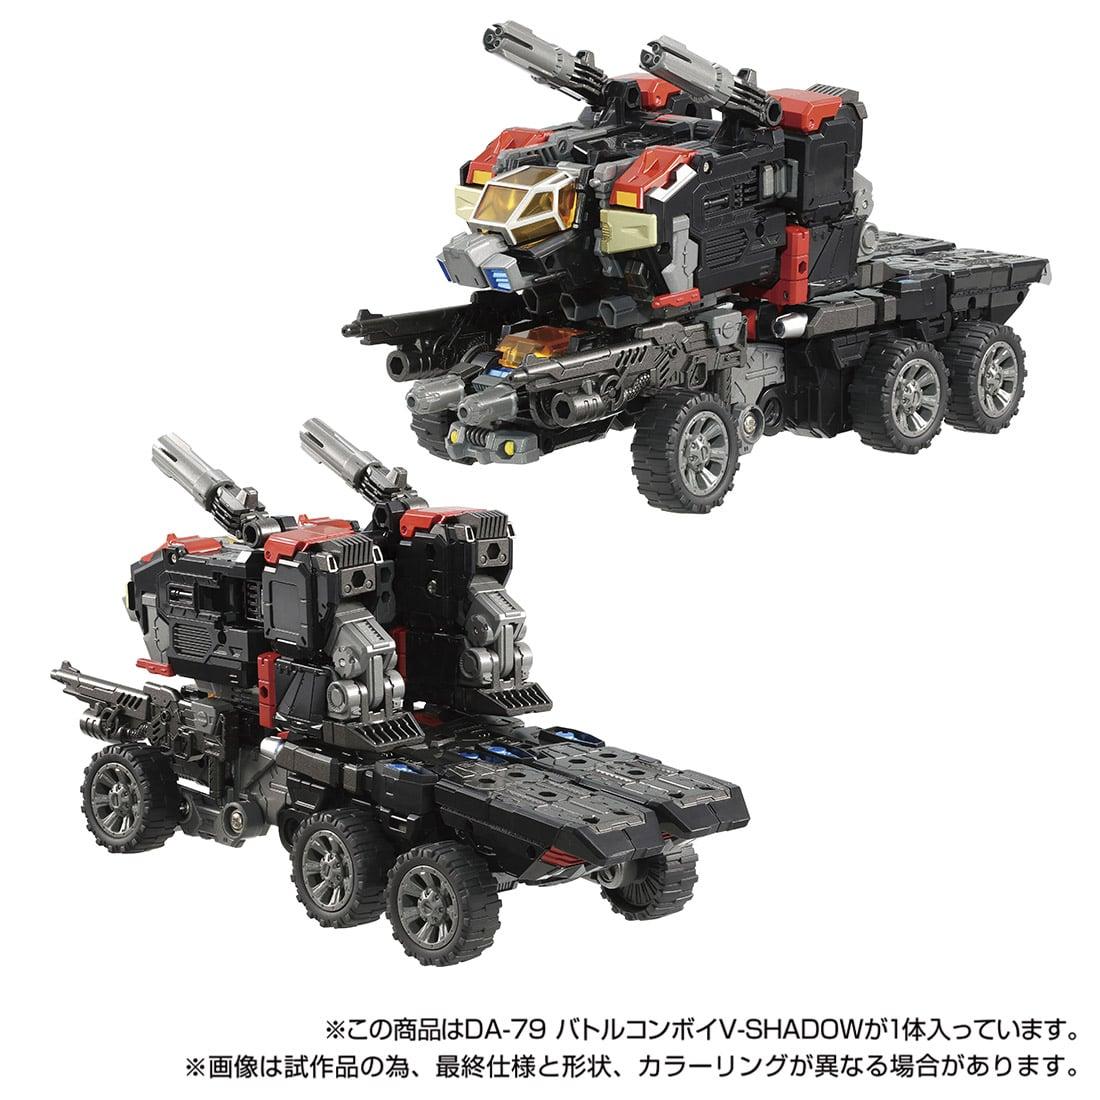 【限定販売】ダイアクロン『DA-79 バトルコンボイ V-SHADOW』可動フィギュア-005